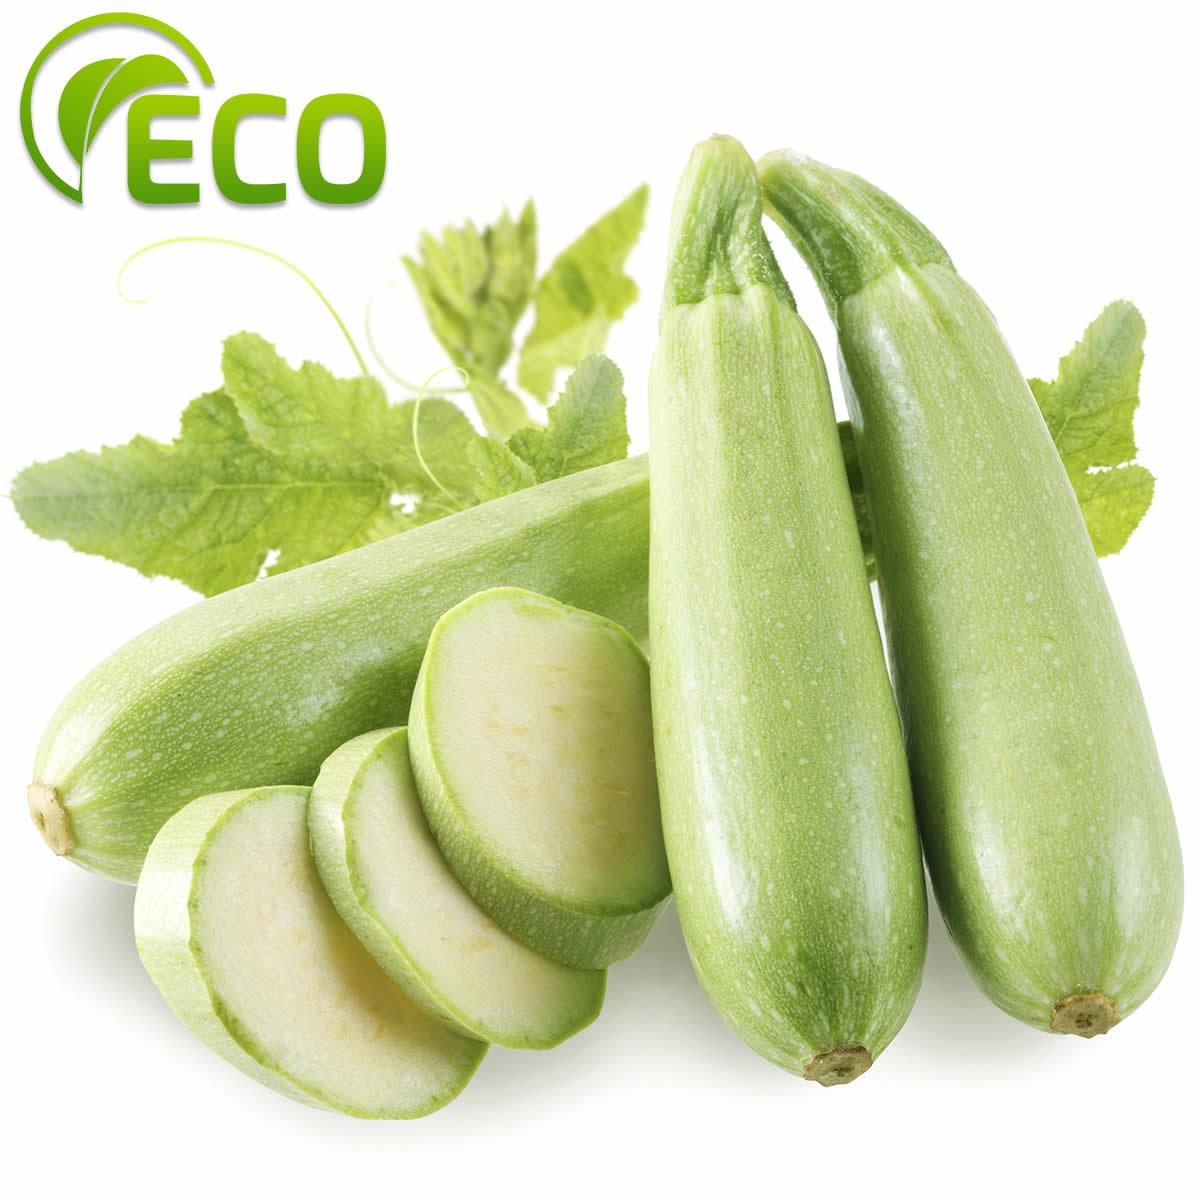 Calabacín ECO 1kg